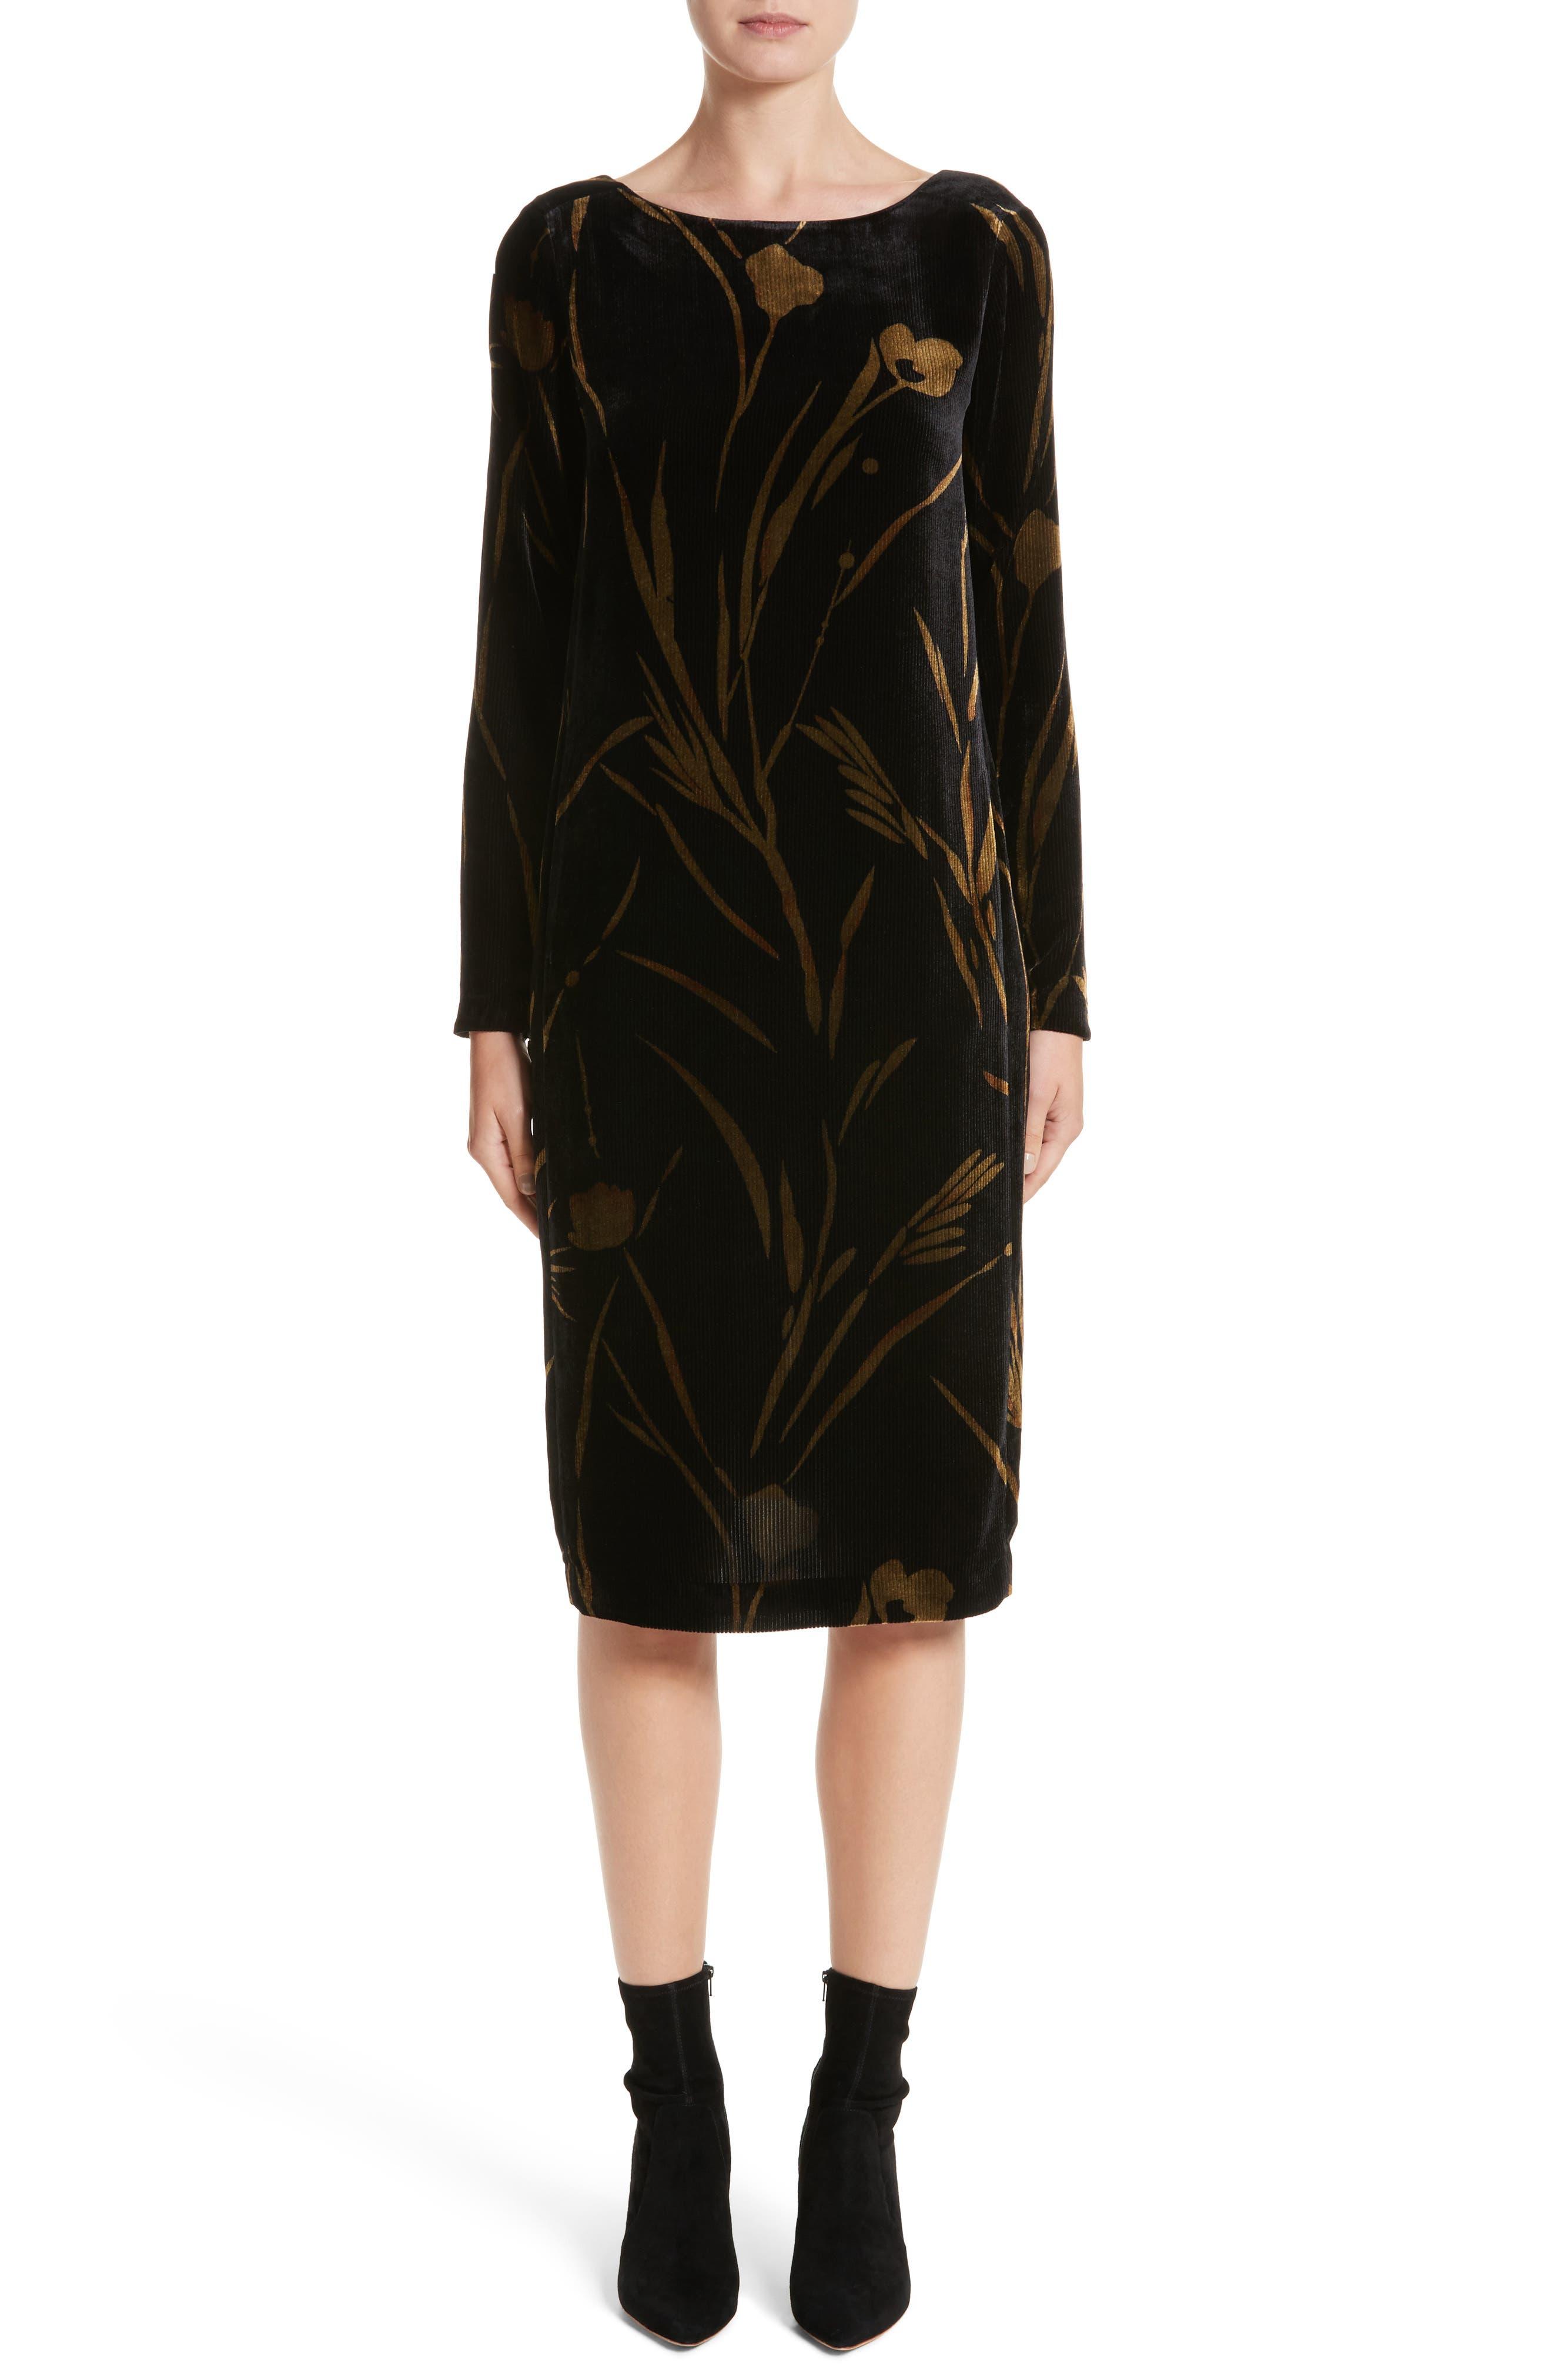 Alternate Image 1 Selected - Lafayette 148 New York Loribel Golden Bloom Velvet Dress